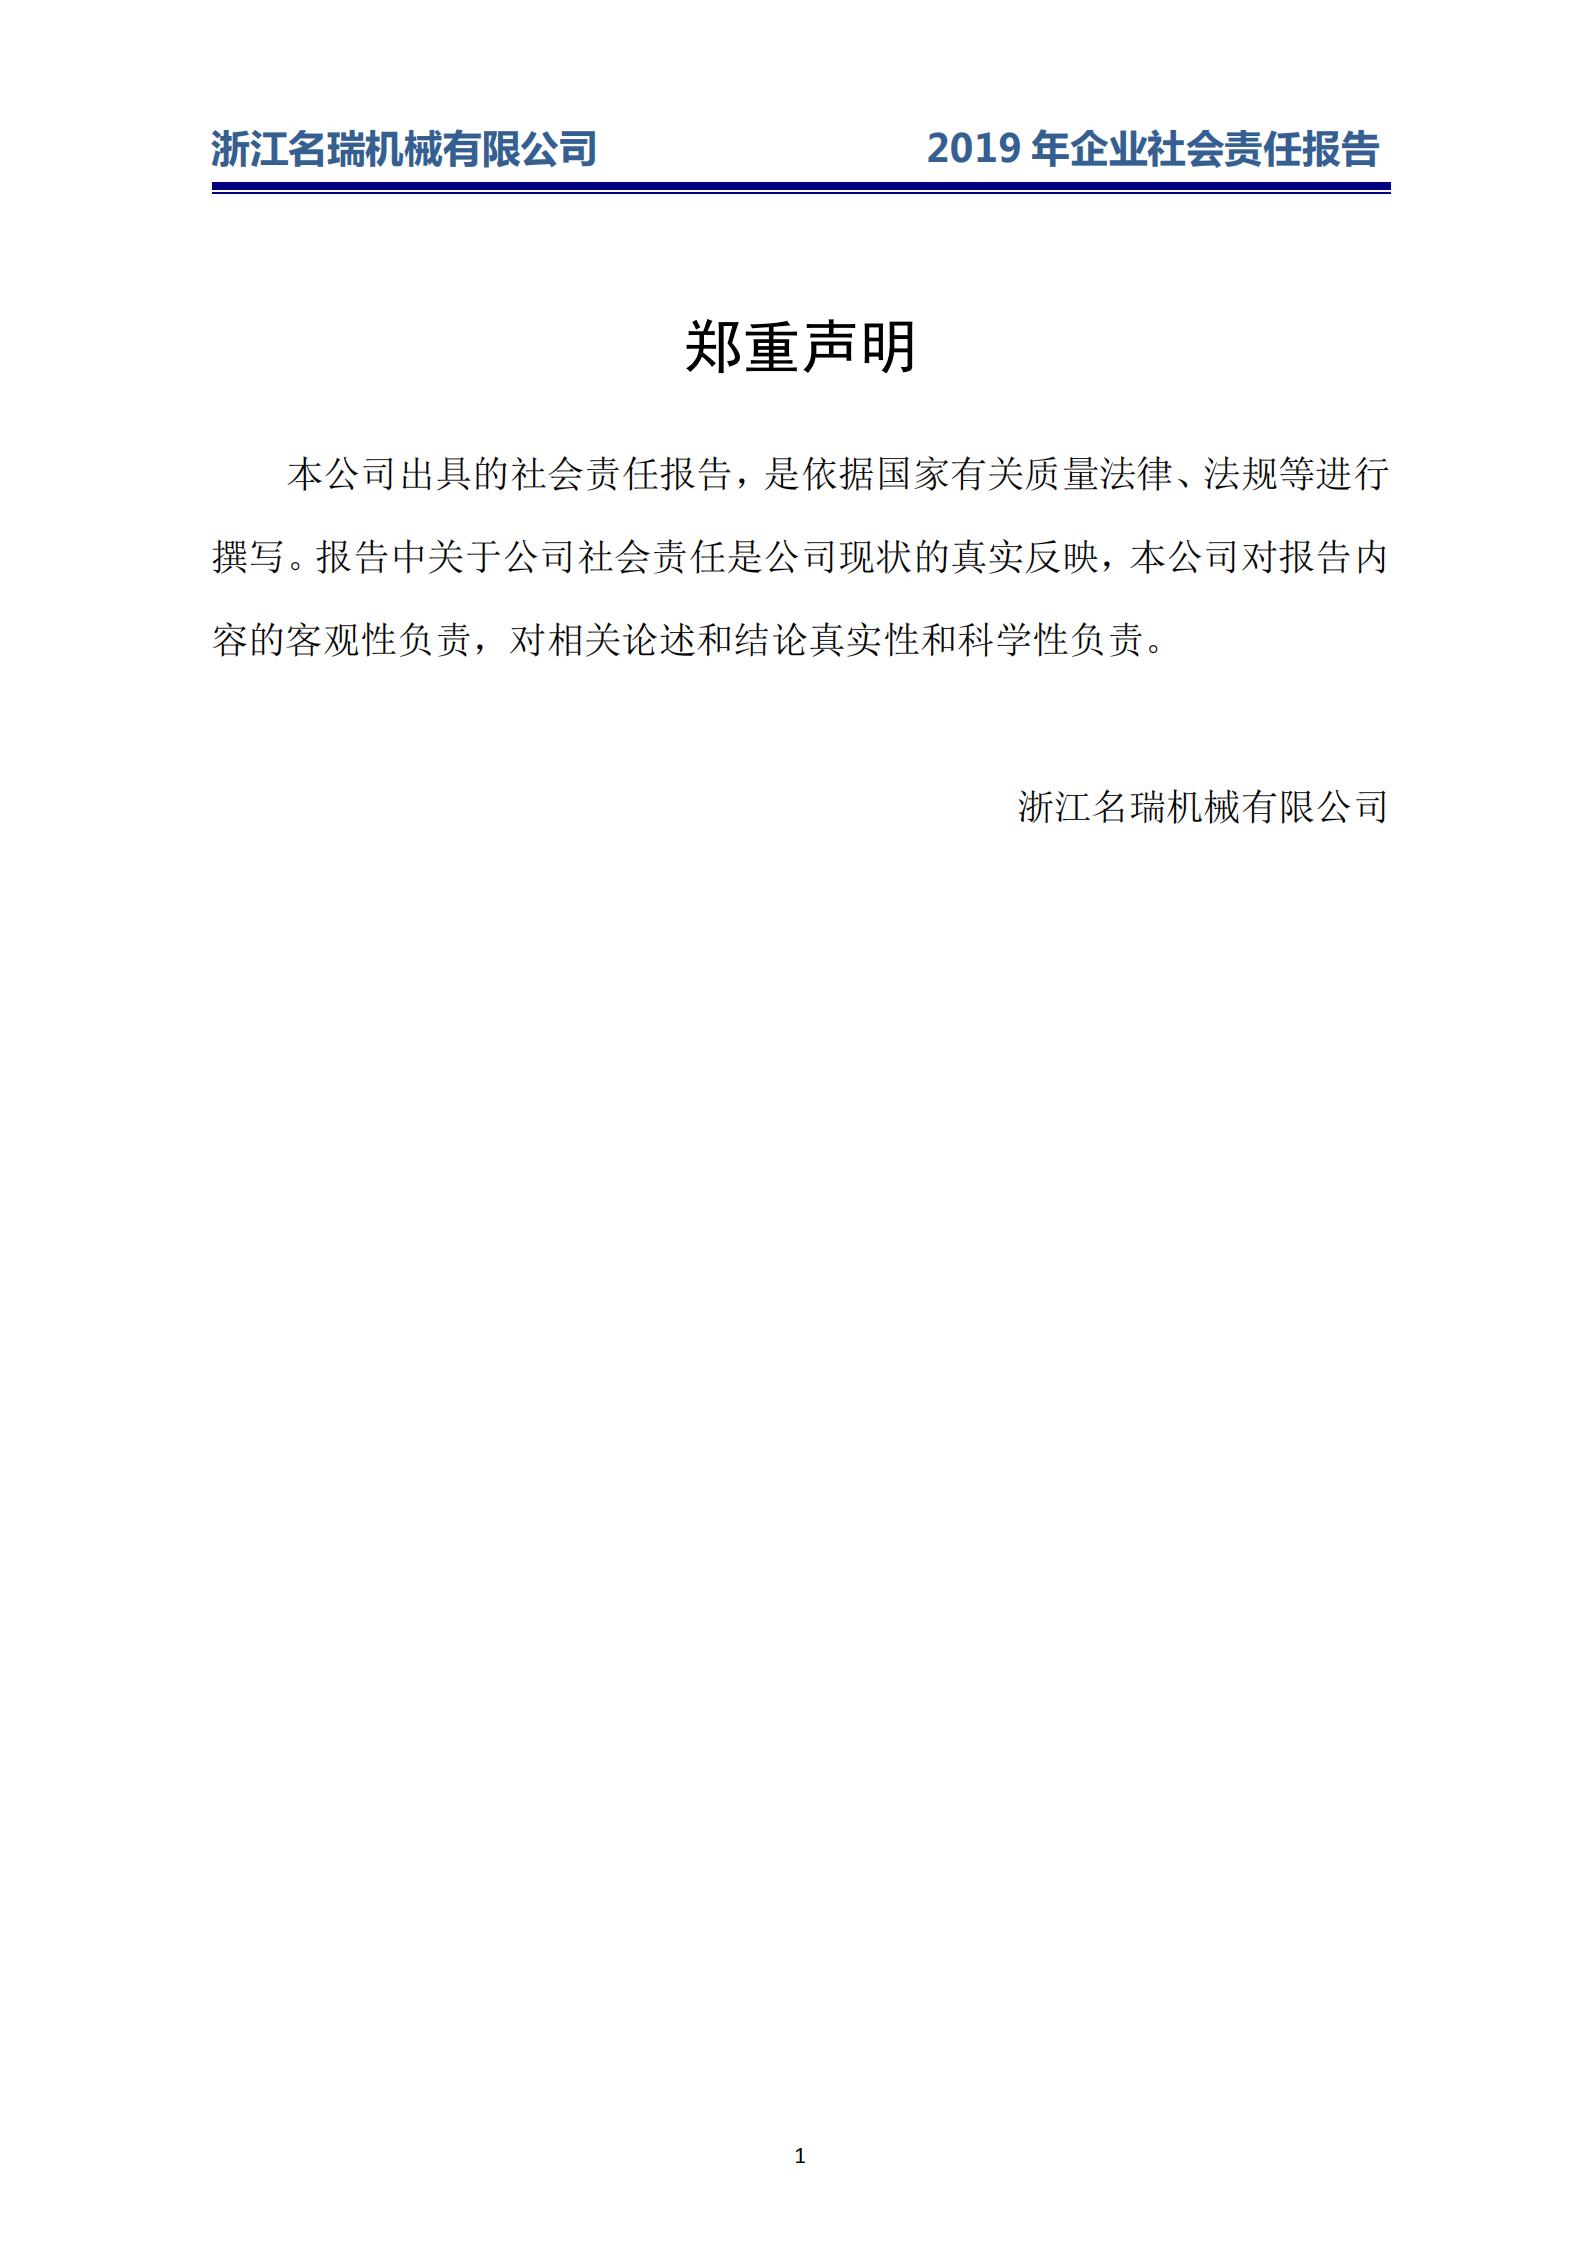 浙江名瑞-2019 年企业社会责任报告